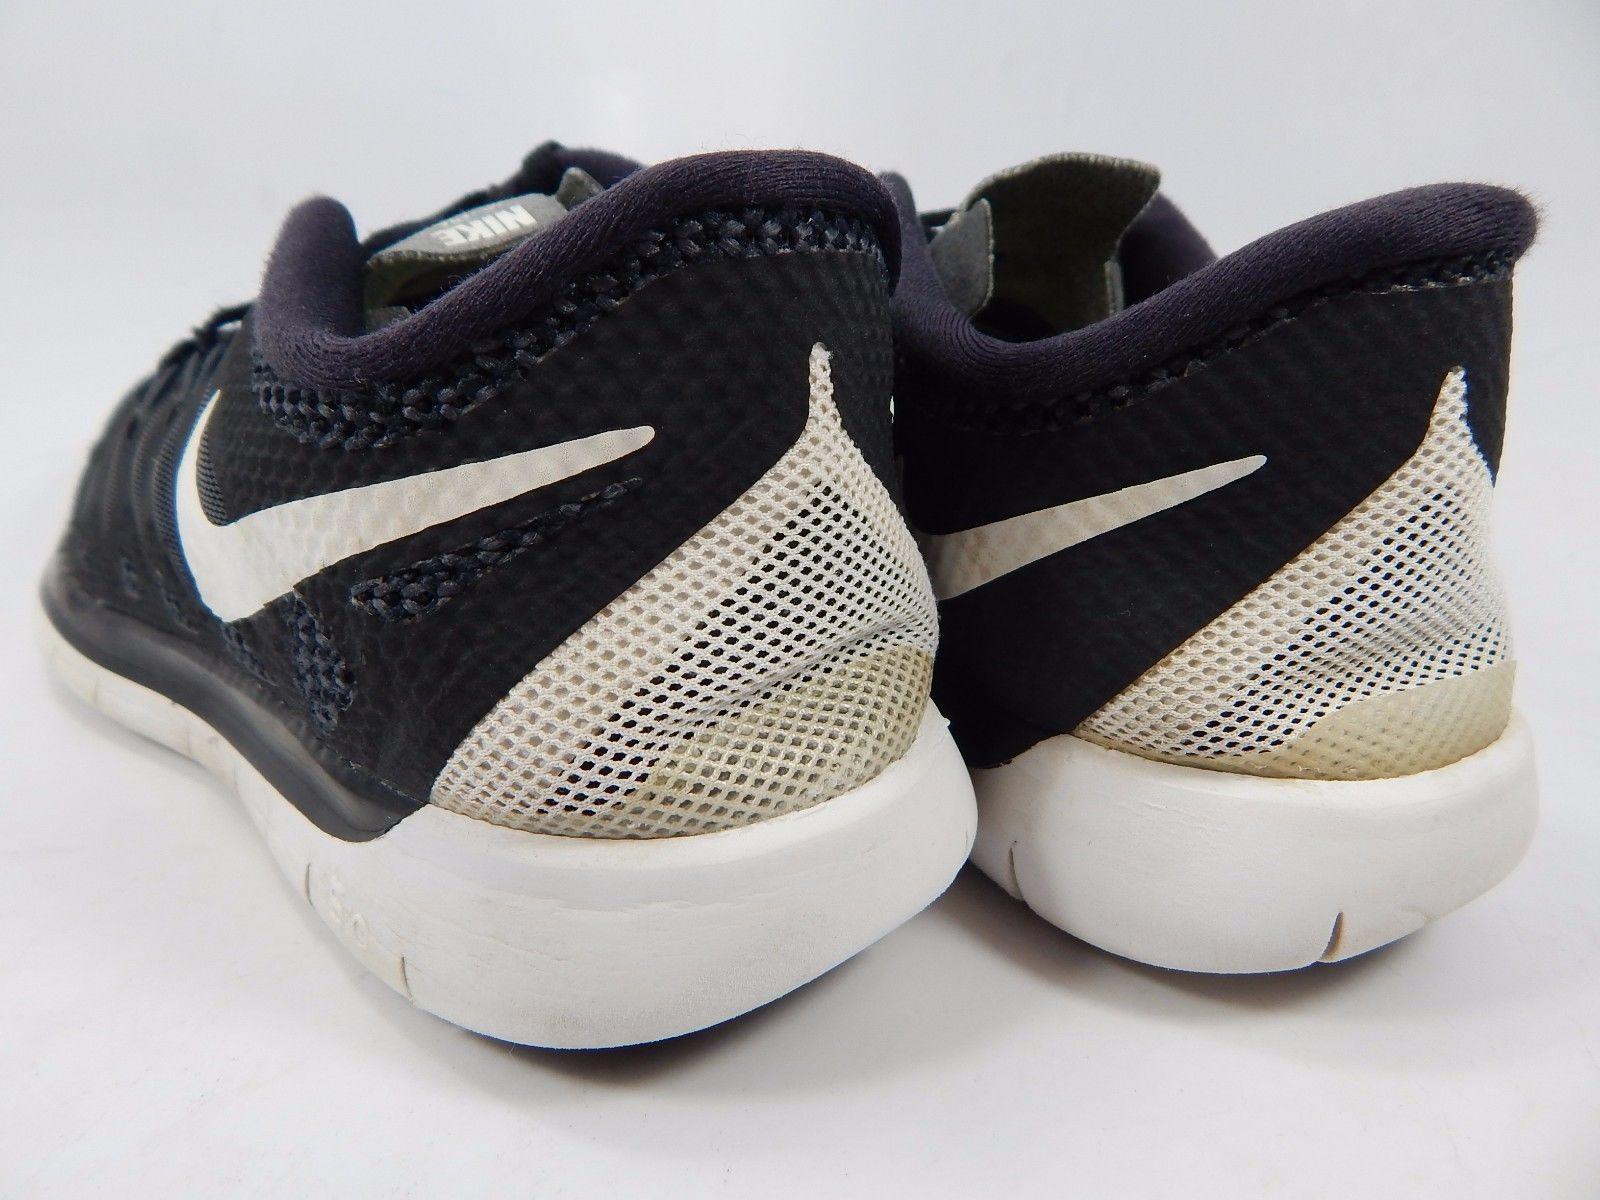 Nike Free 5.0 Men's Boy's Youth Shoes Size 5.5 Y (M) EU 38 Black 644428-001